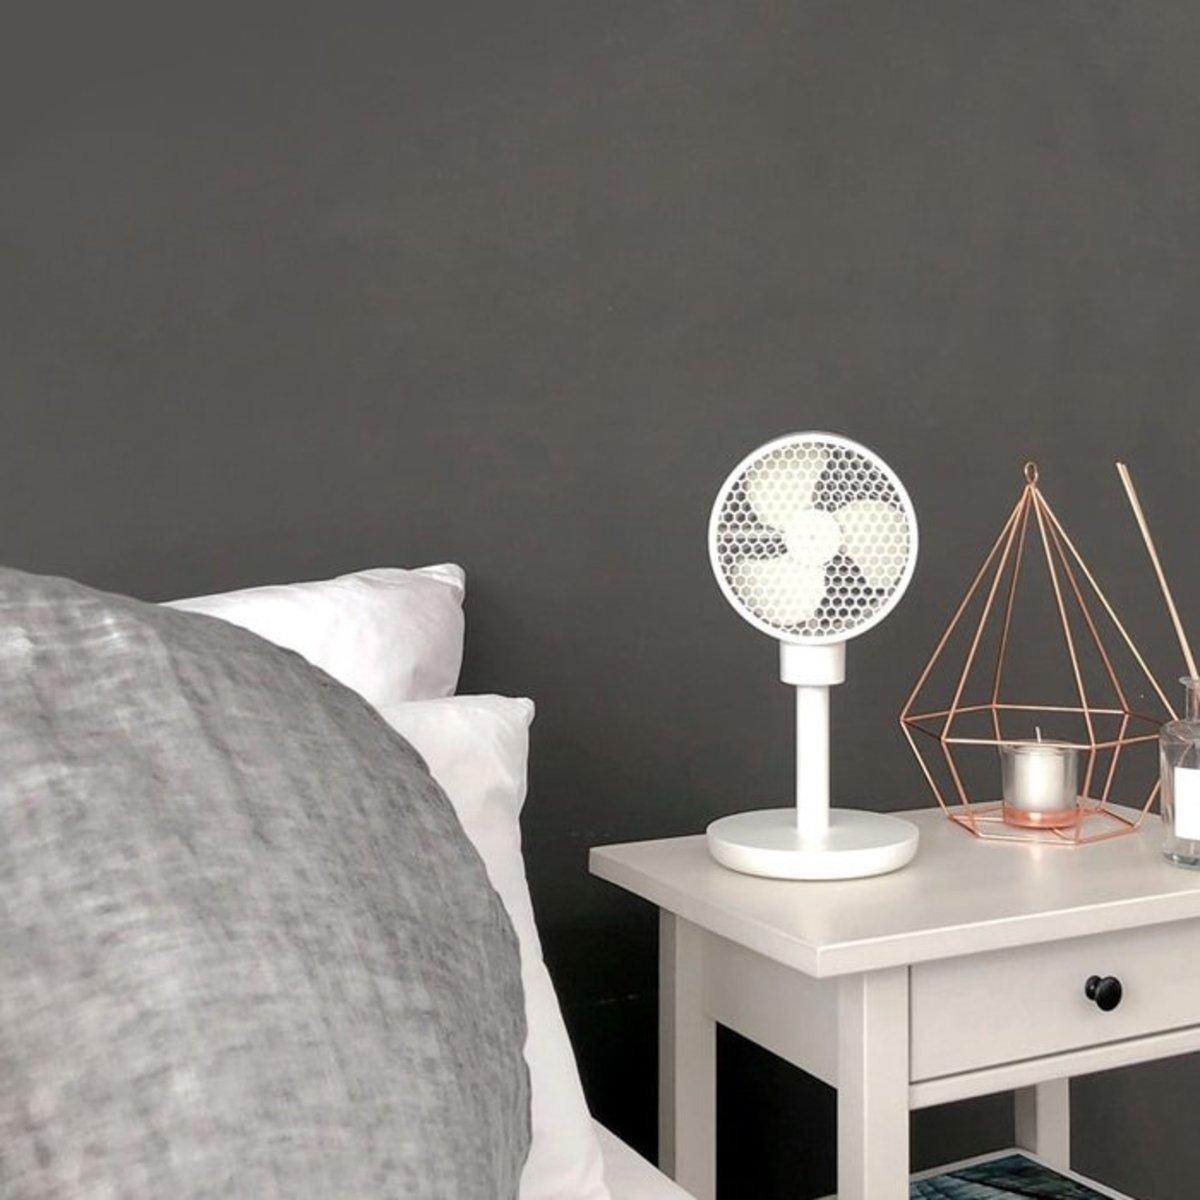 Honeycomb Wireless Fan CL-005L White